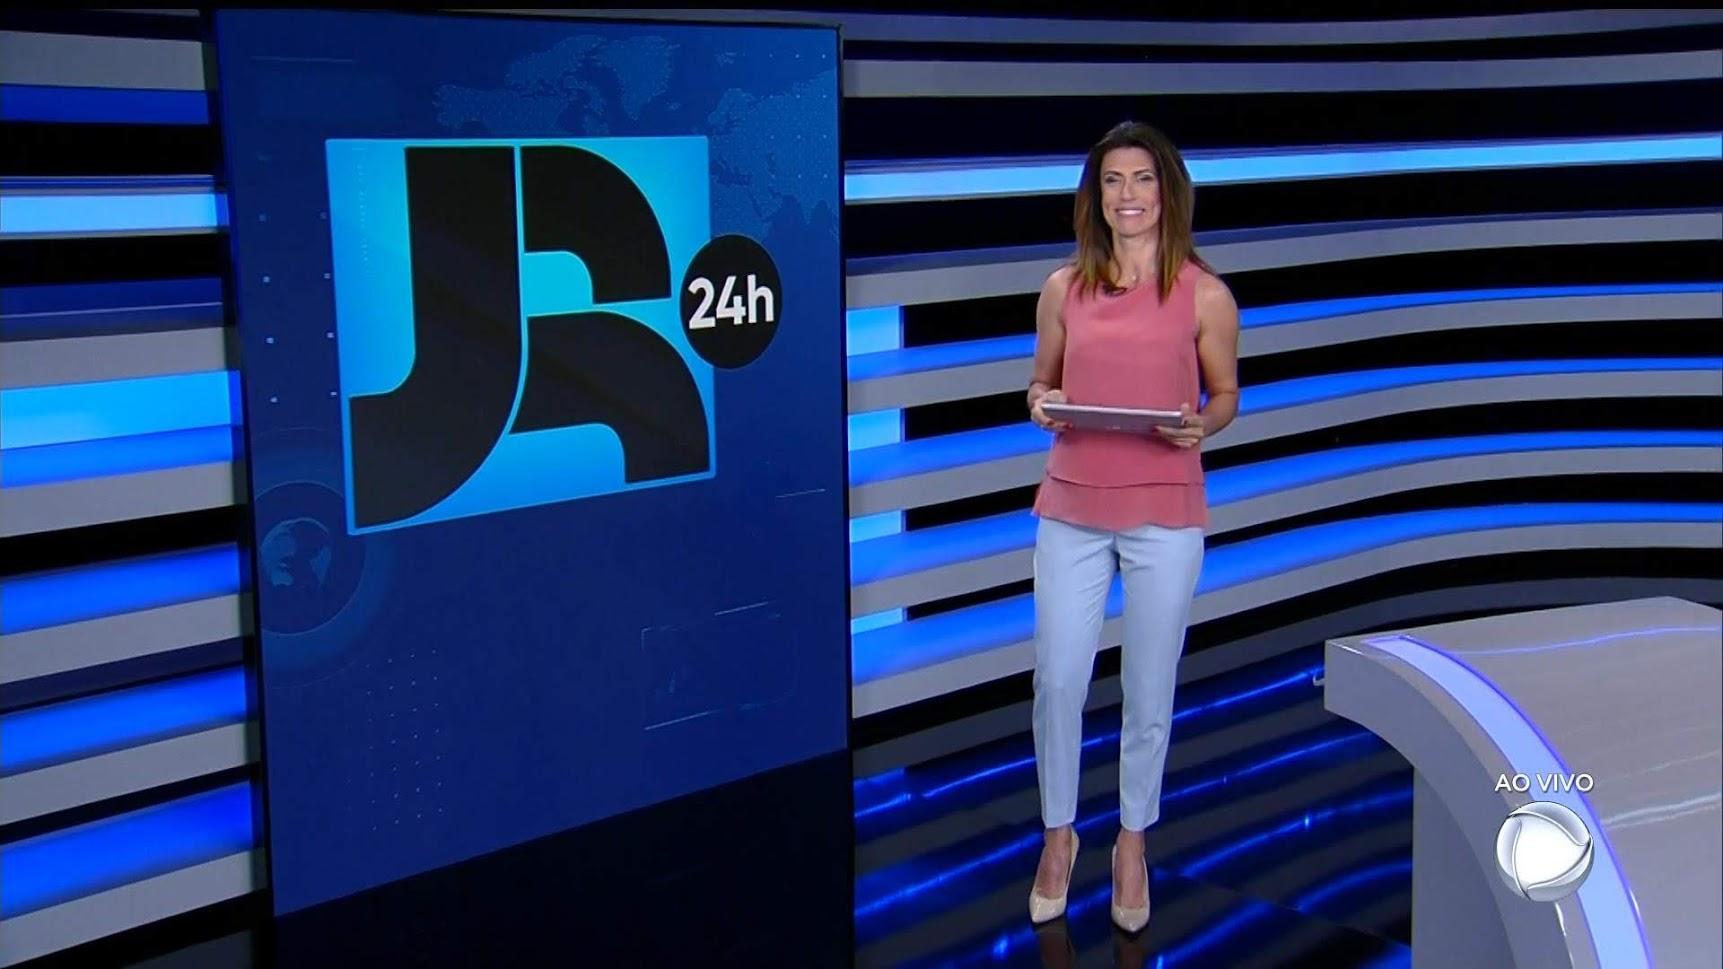 Janine Borba apresentando o JR 24h